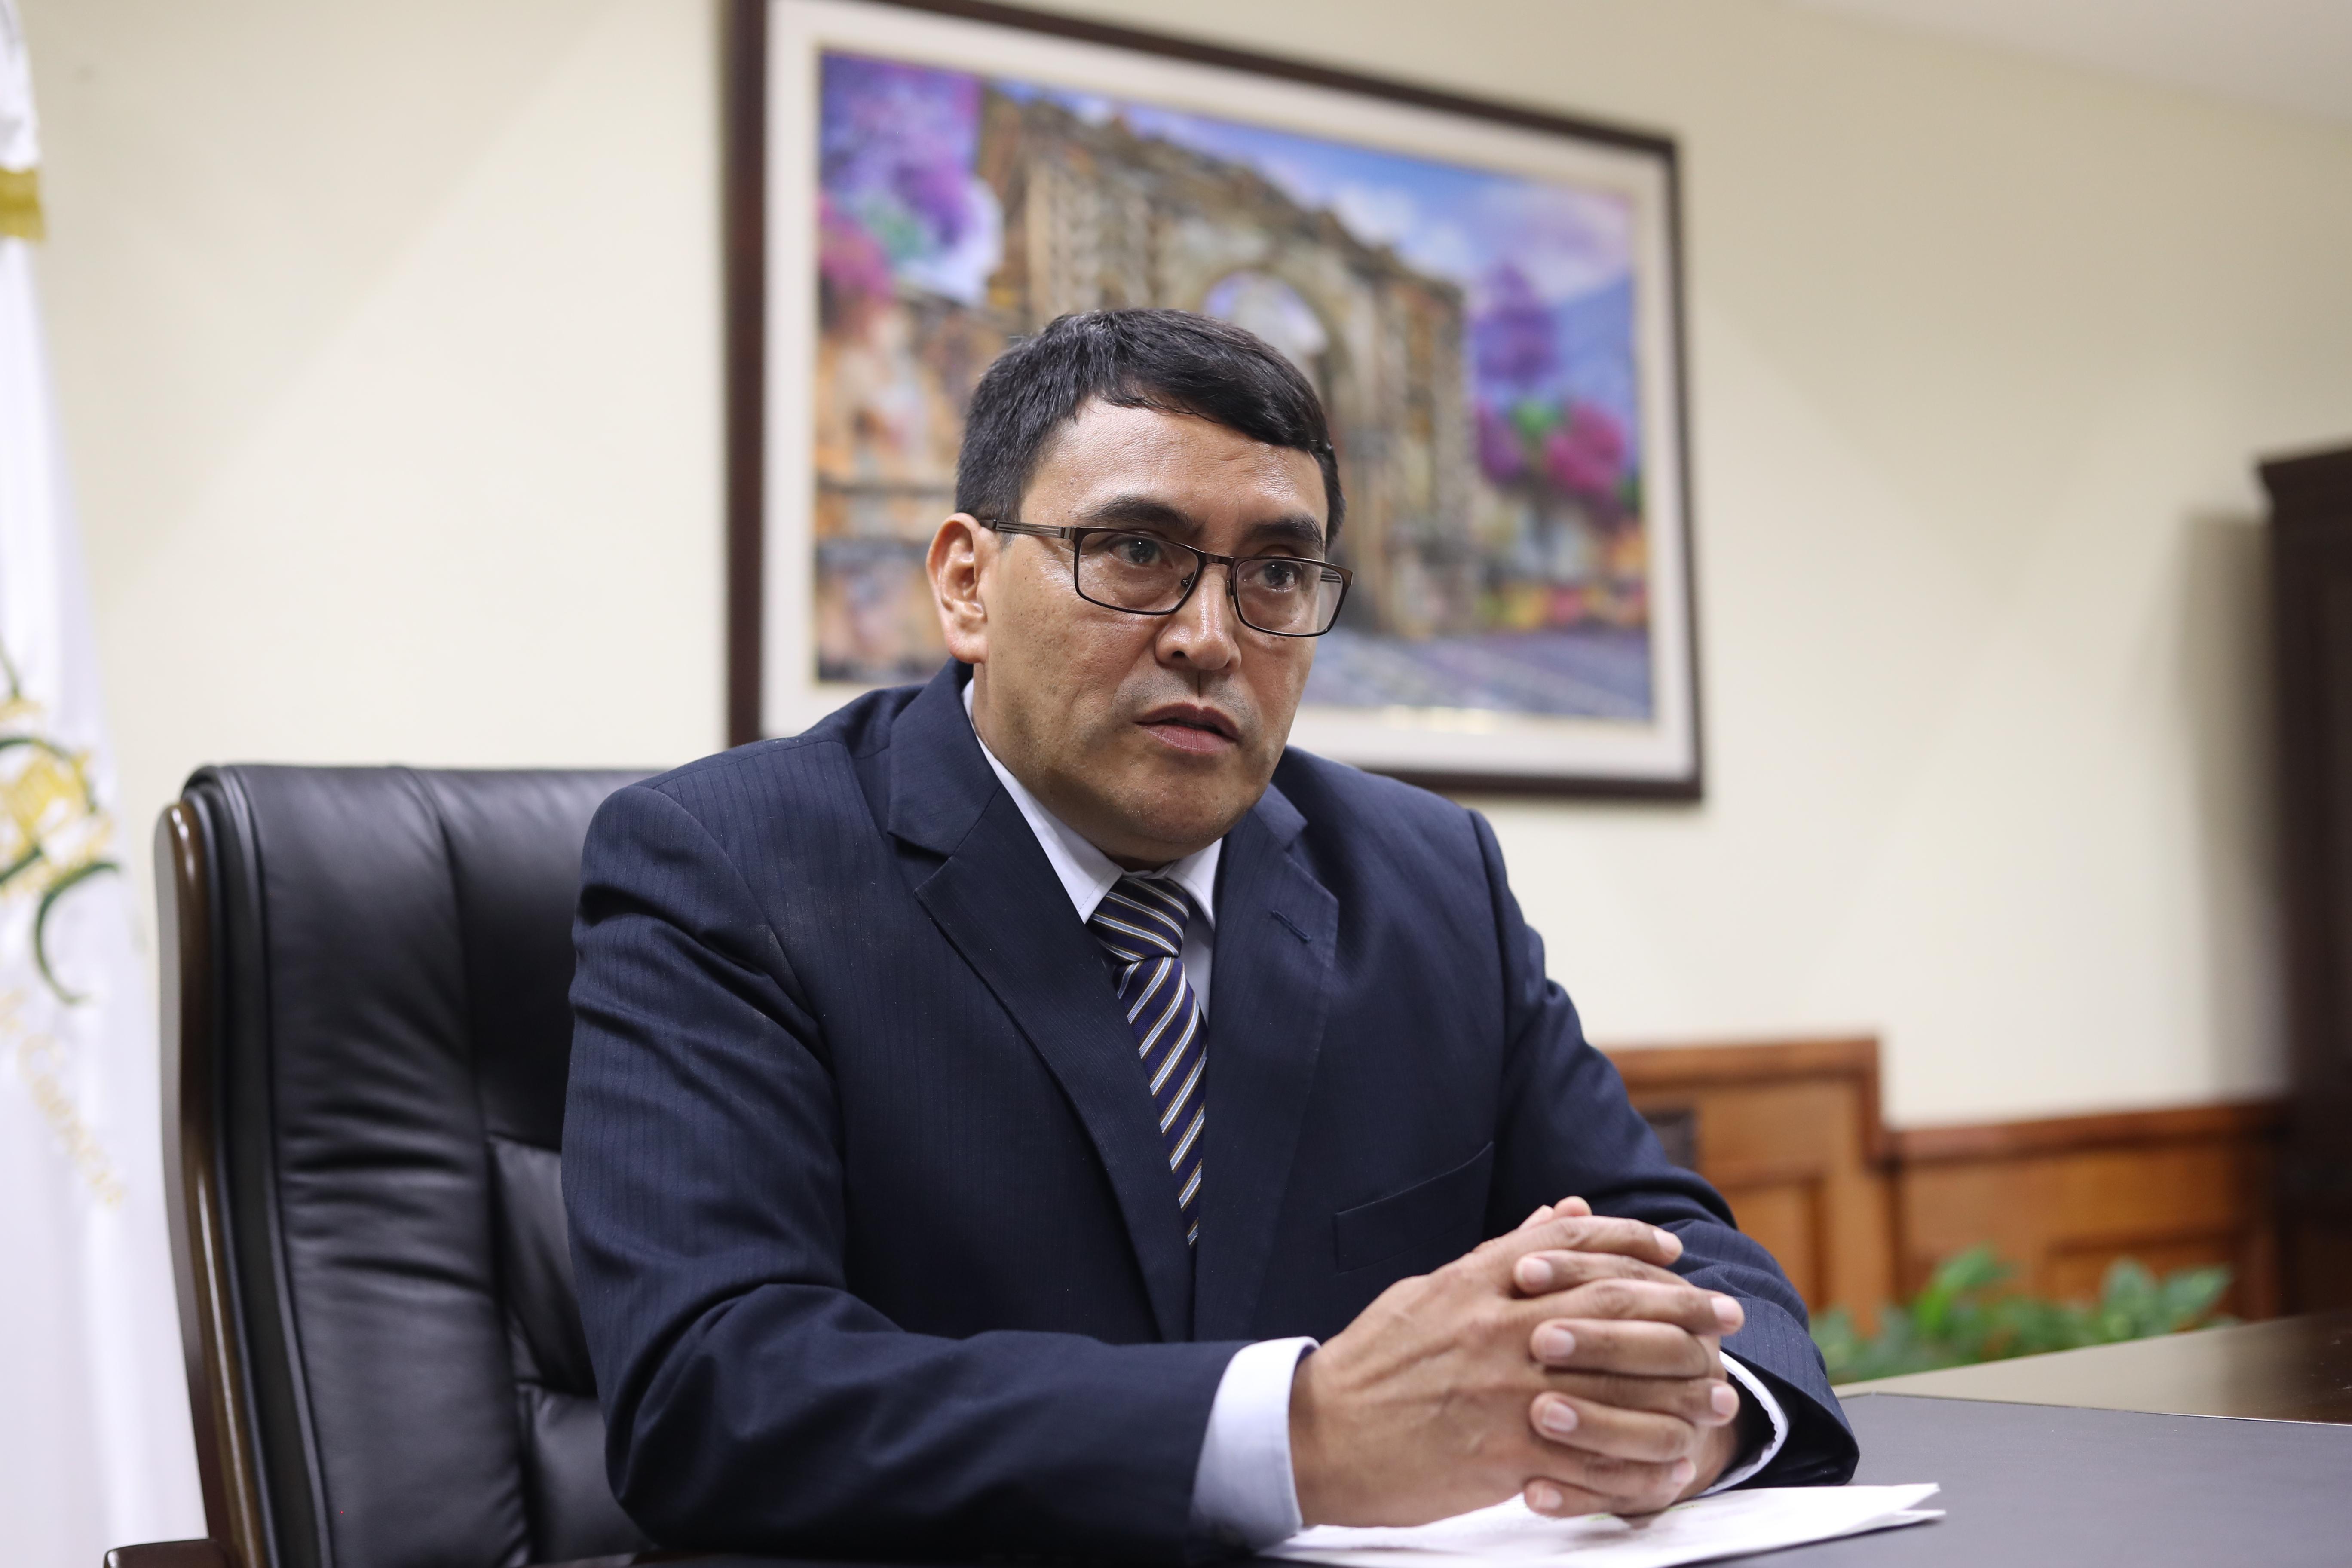 El contralor general de Cuentas, Edwin Salazar dio una entrevista a Prensa Libre para hablar de los proyectos que implementará en el ente fiscalizador. (Foto Prensa Libre: Esbin García)